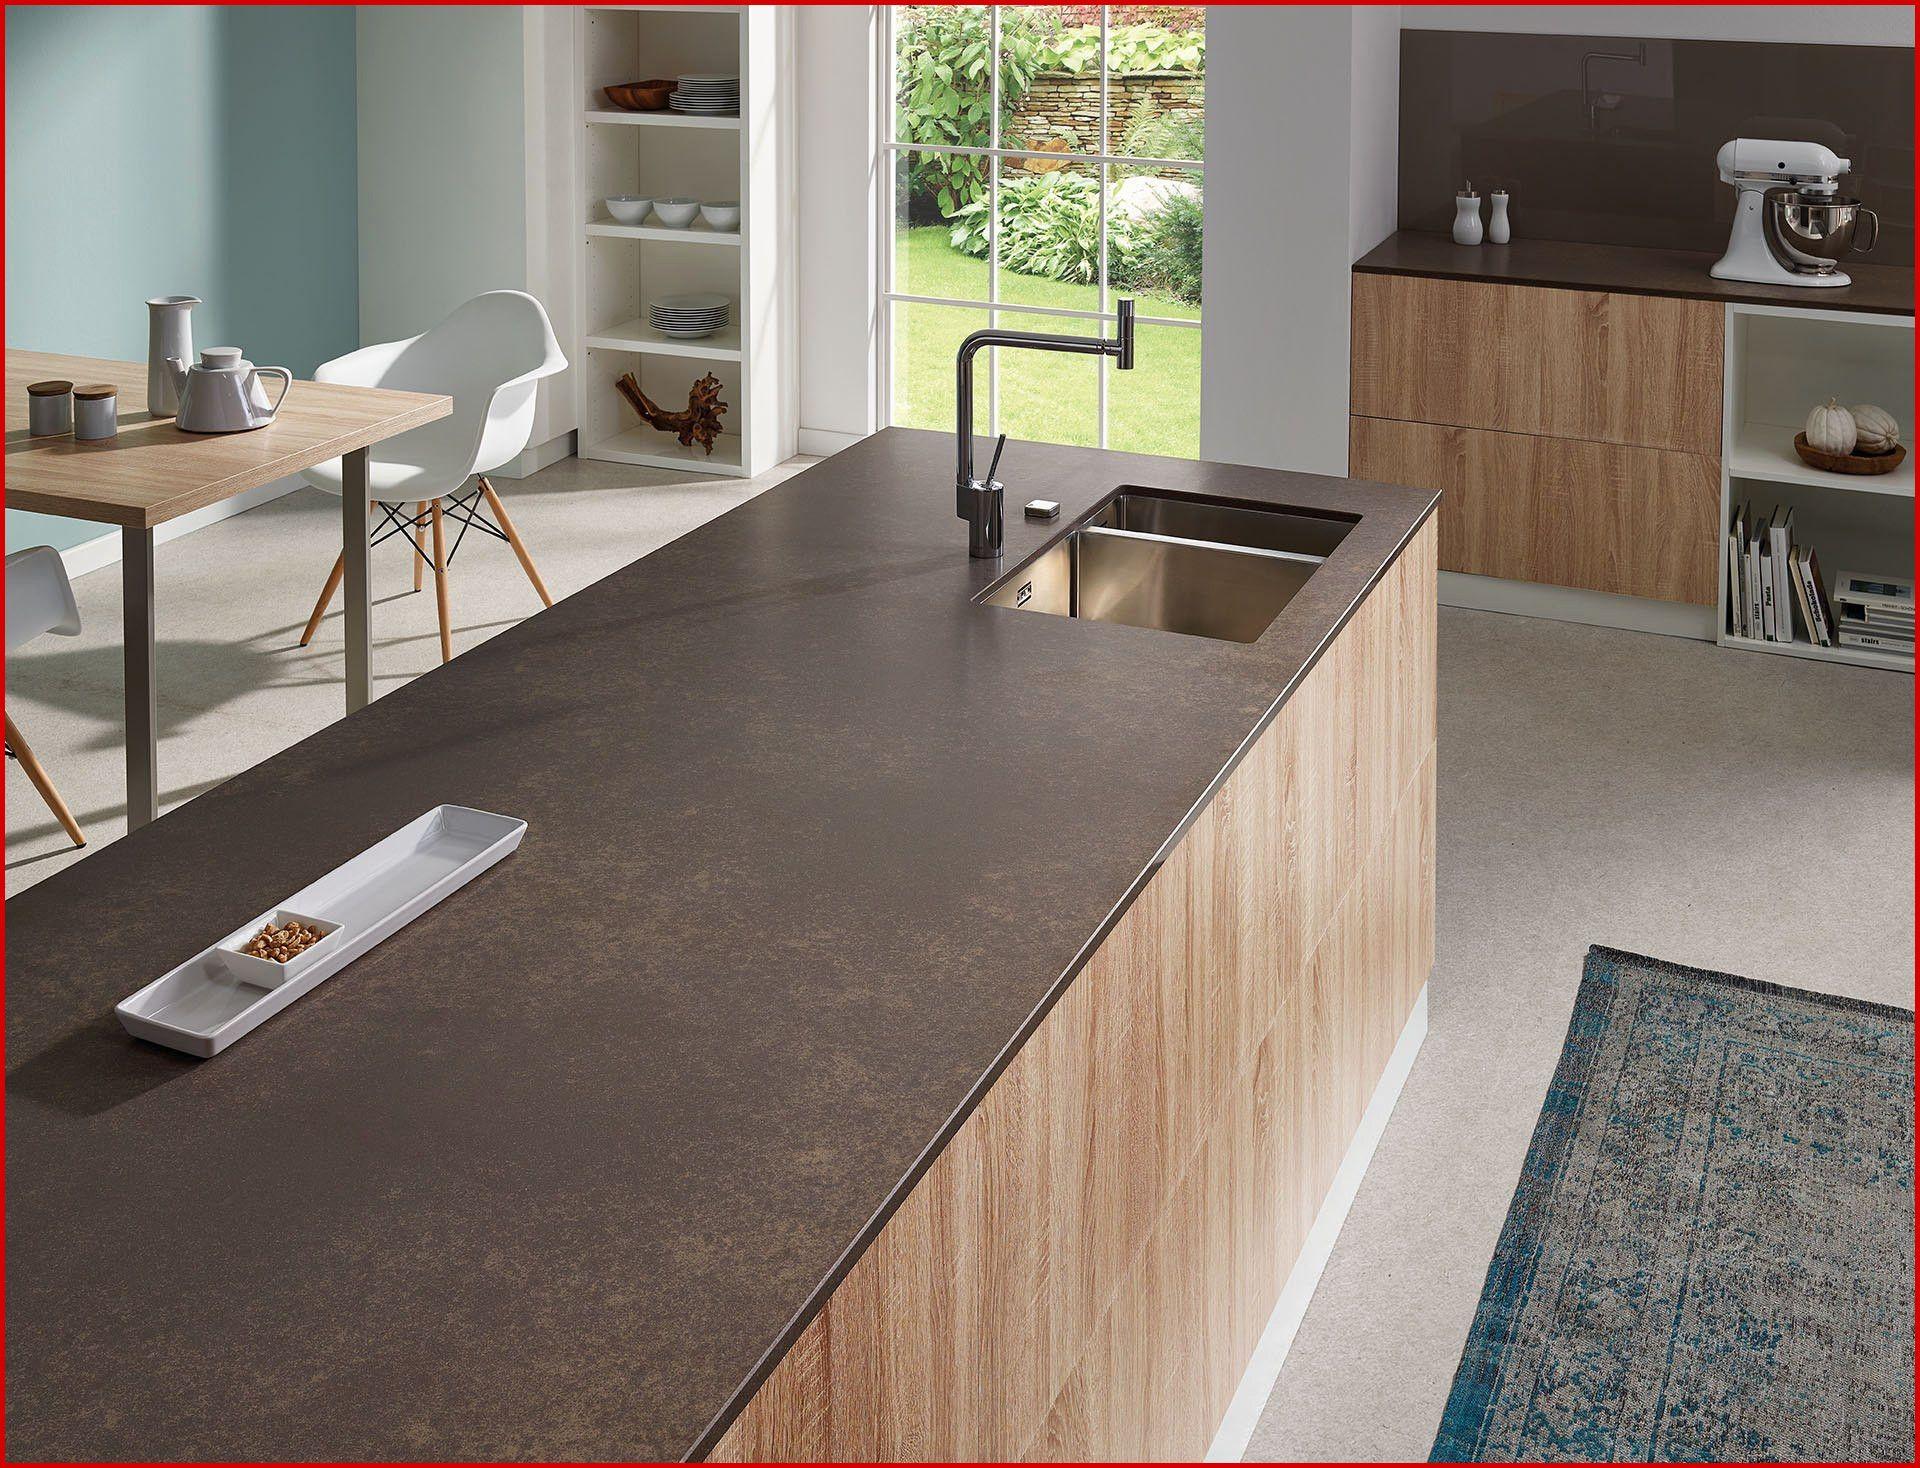 Granit Arbeitsplatte Preis 519618 Granit Arbeitsplatte Preis Inspirierend Bild Von Quarzkomposit Arbeitsplatte Kuche Arbeitsplatte Kuche Granit Granit Arbeitsplatte